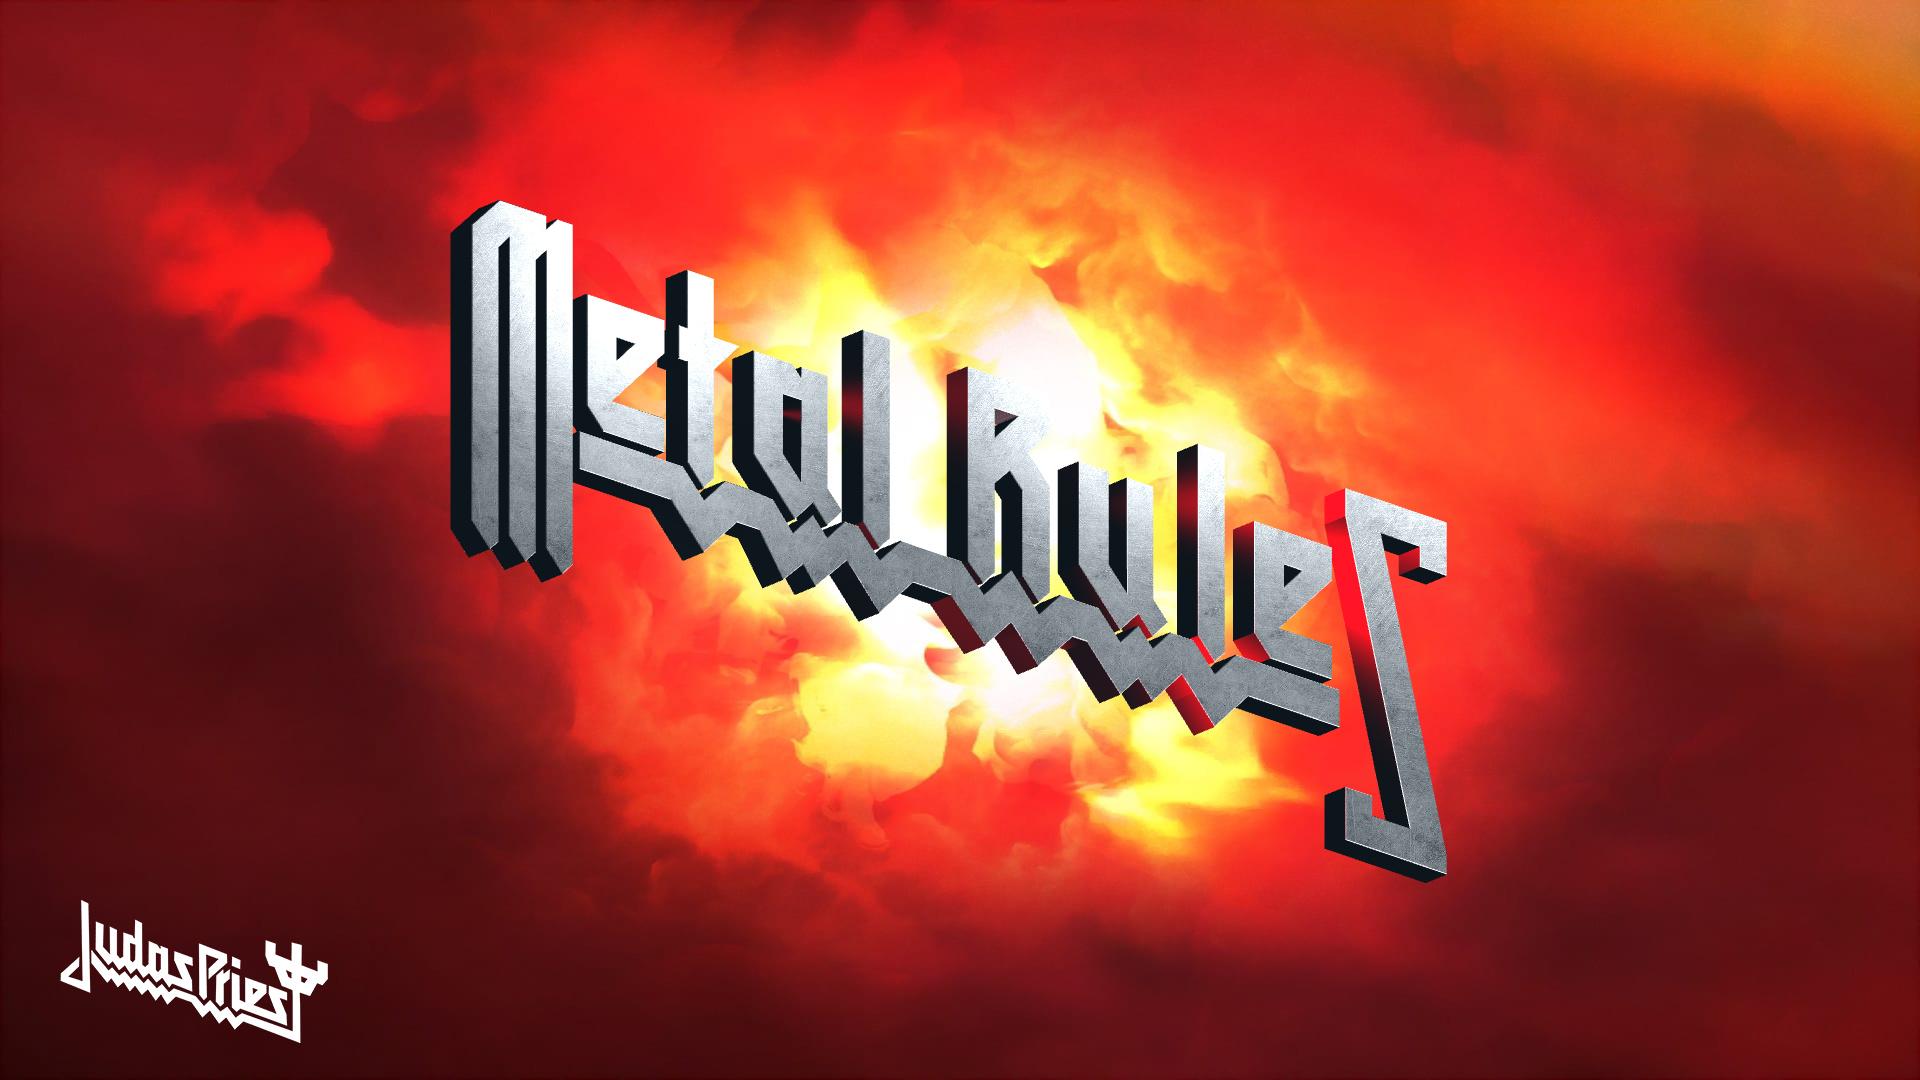 Judas Priest Font